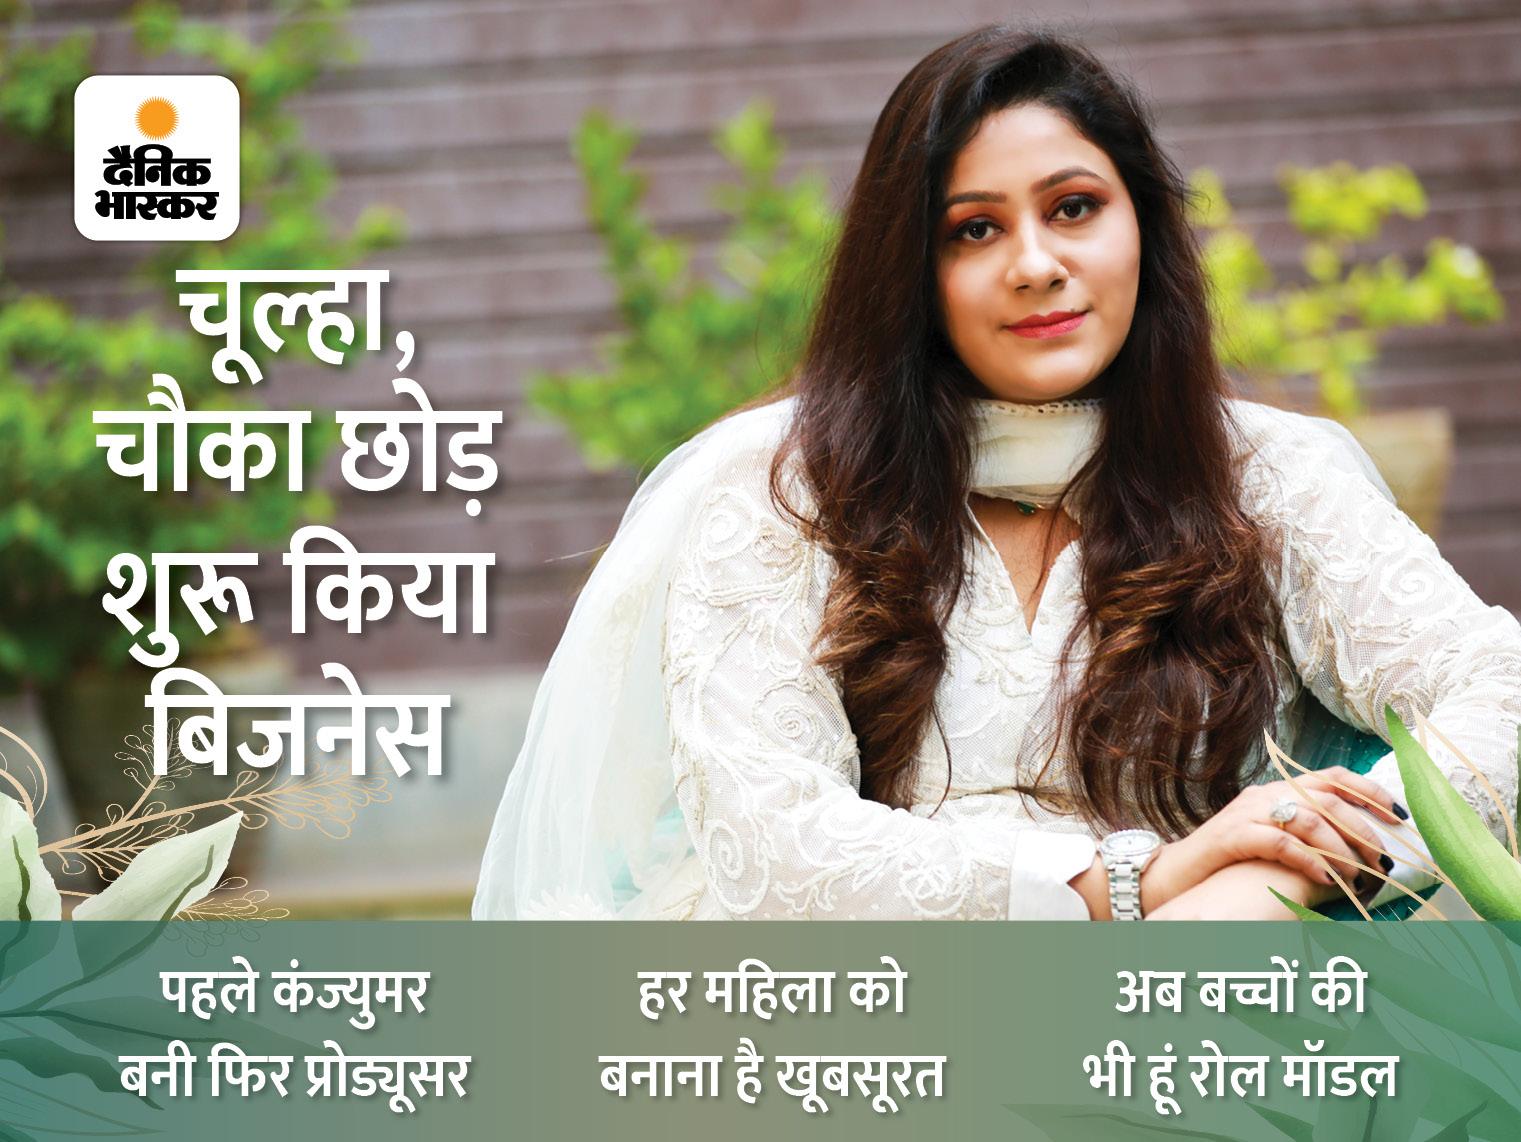 शादी के 12 साल बाद शुरू किया अपना बिजनेस, अब हाउसवाइफ ही नहीं बिजनेसवुमन है मेरी पहचान|ये मैं हूं,Yeh Mein Hoon - Dainik Bhaskar